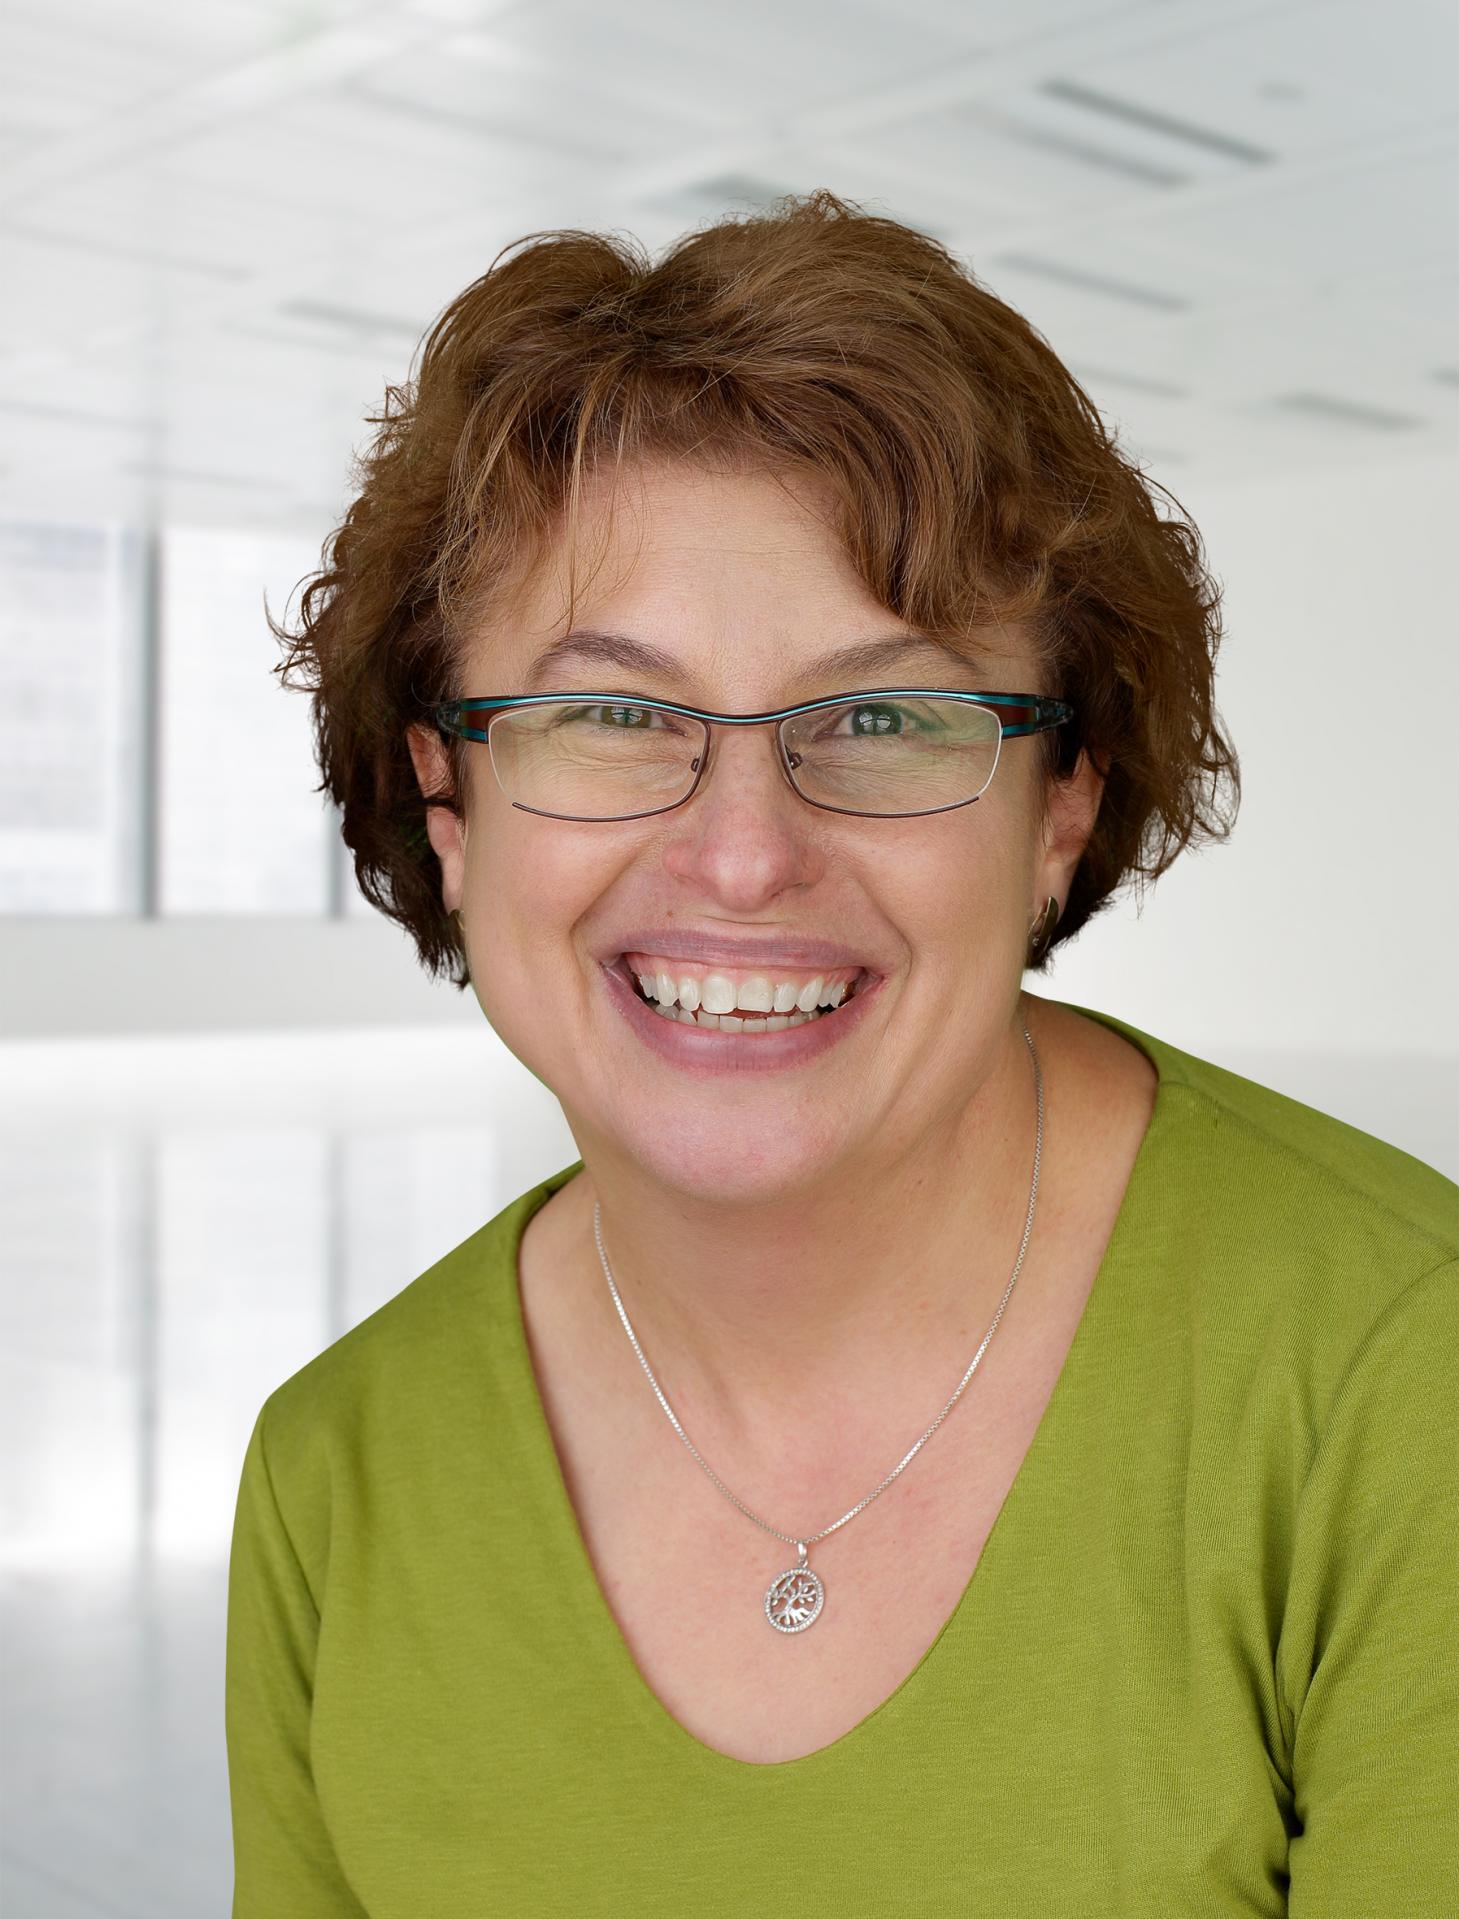 Ingrid Hopfinger